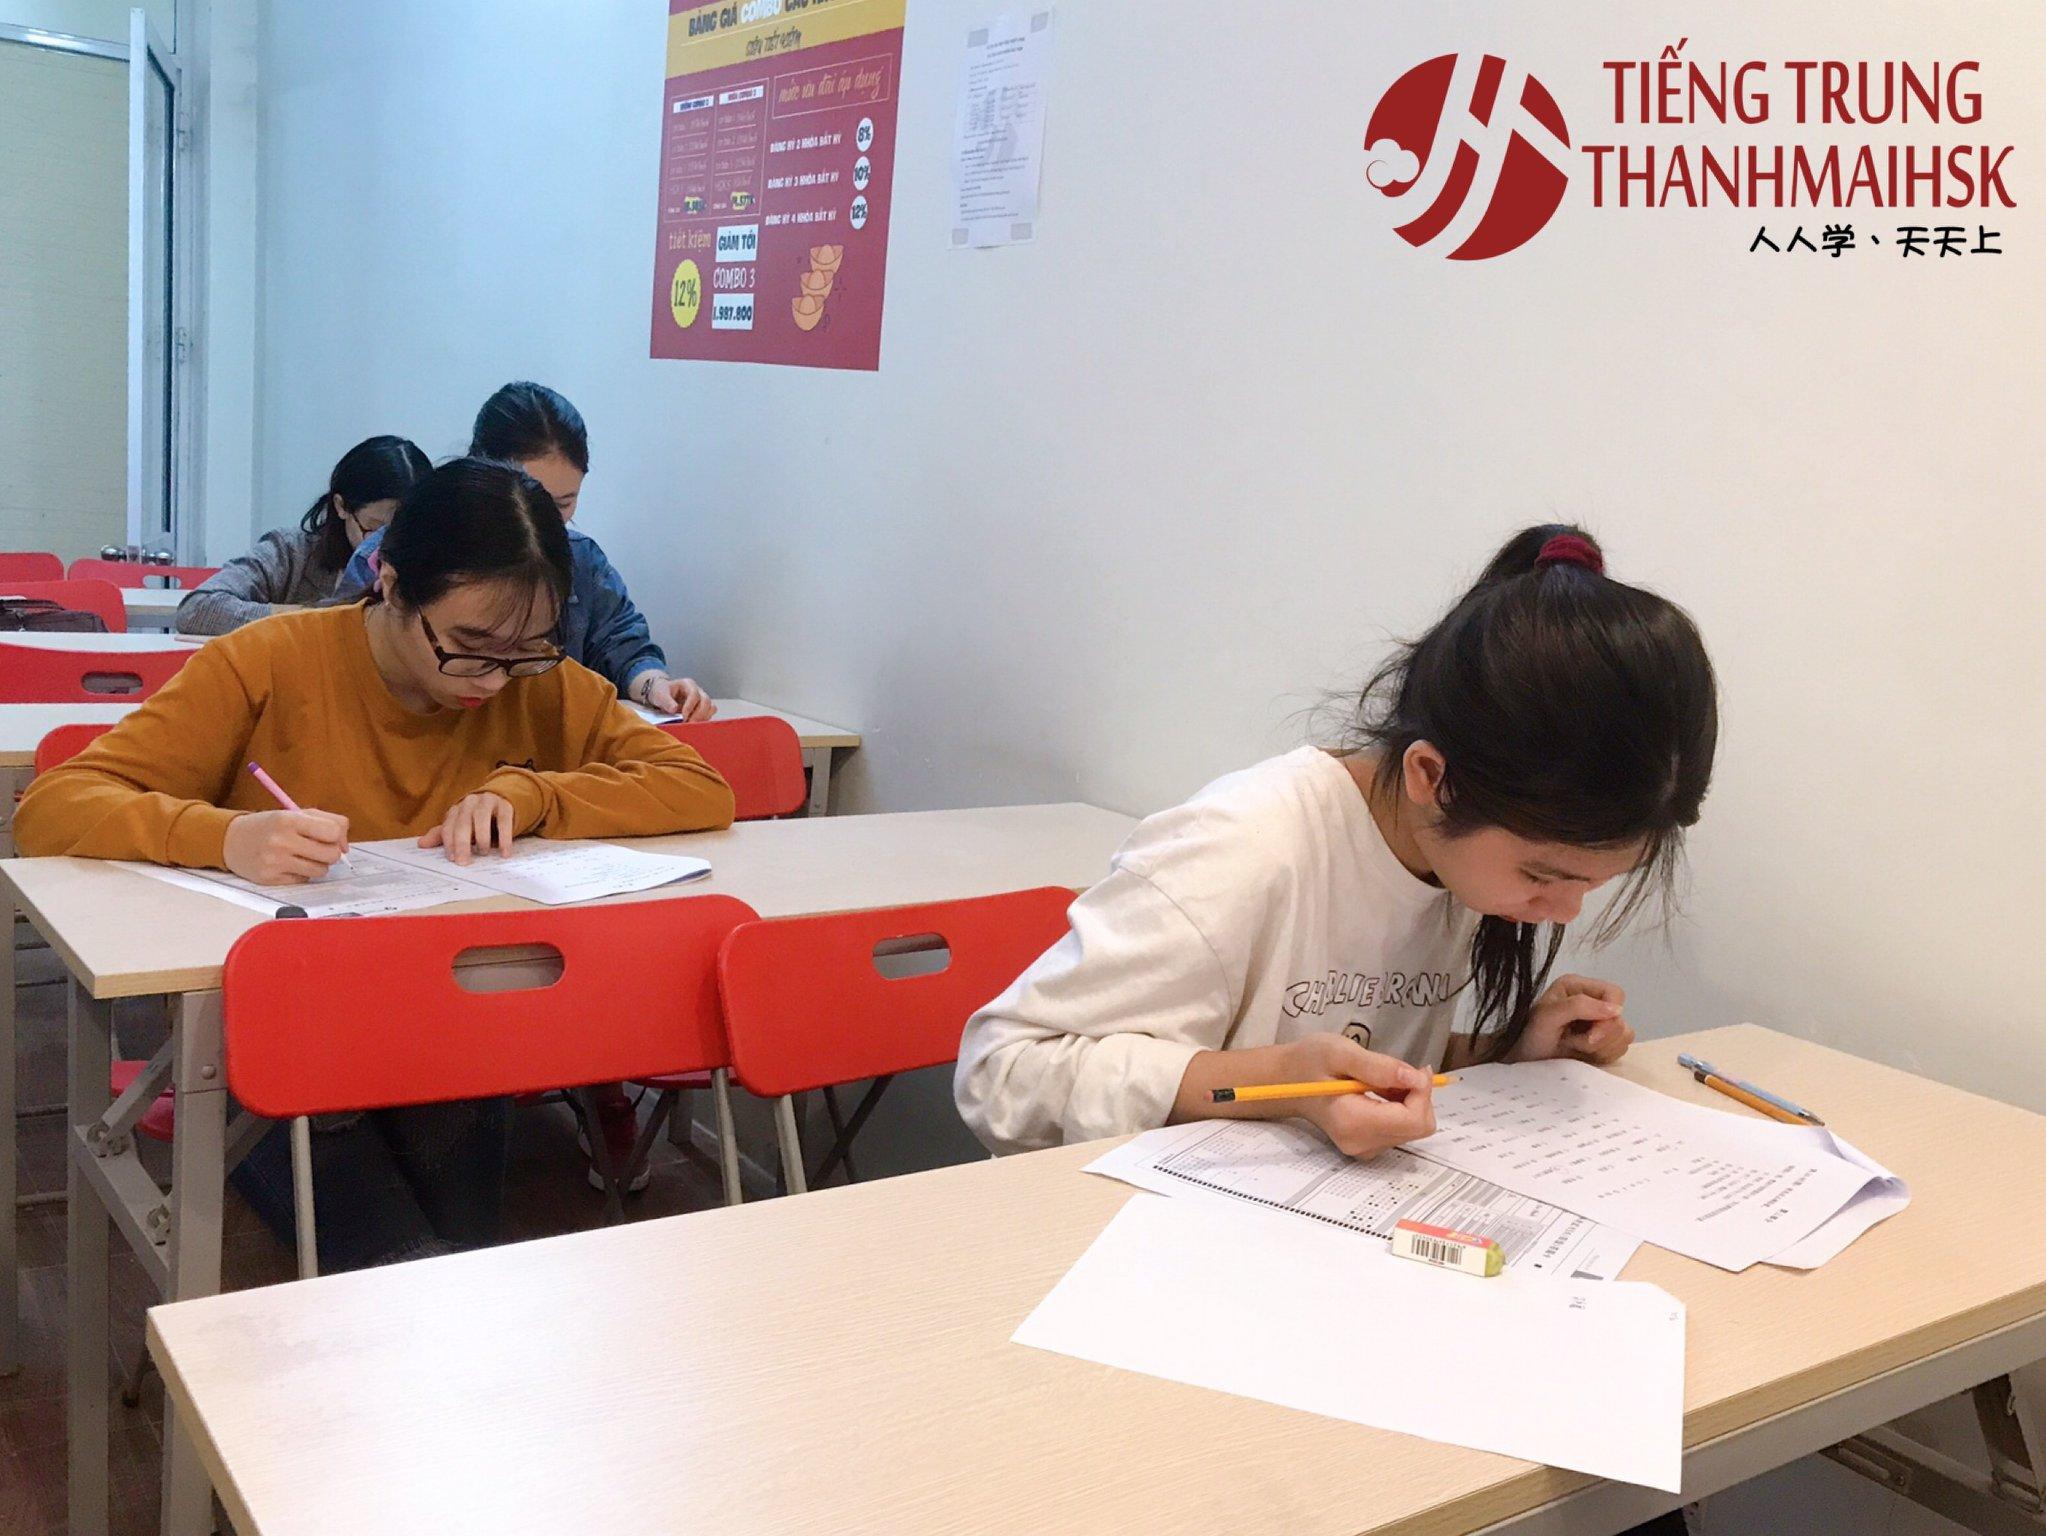 Hình ảnh Luyện thi THPT Quốc gia tiếng Trung ở đâu 1